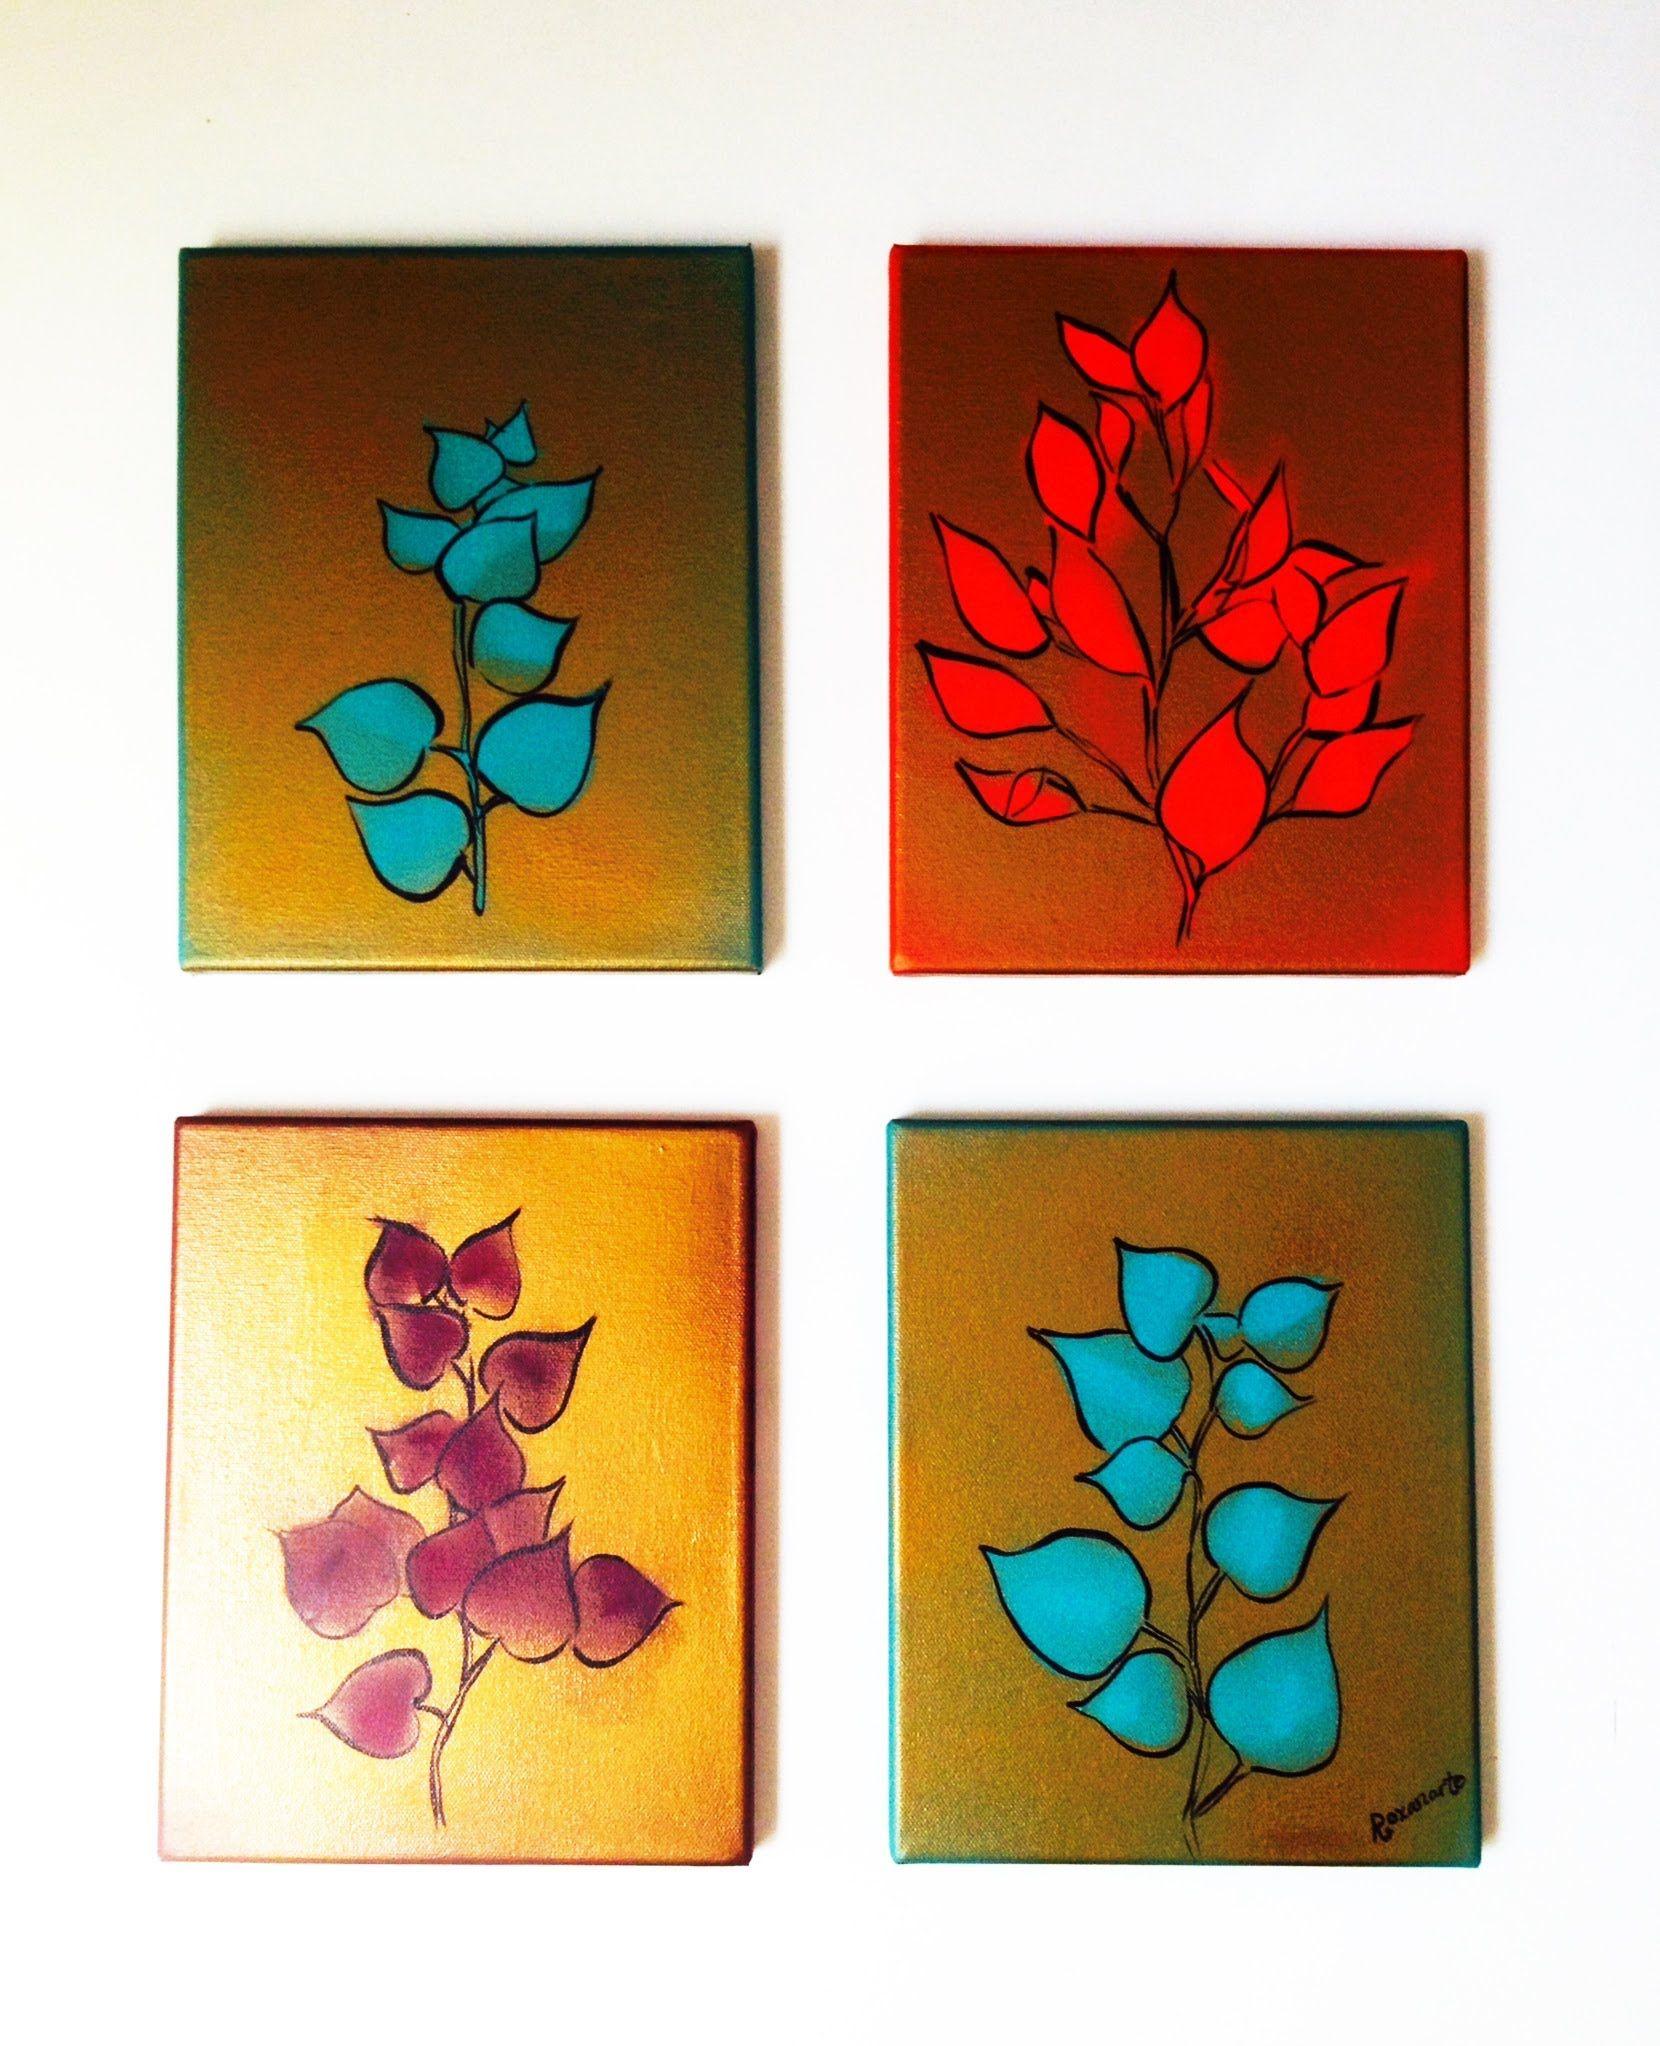 C mo hacer cuadros para decorar o regalar f cil y r pido - Manualidades para decorar el hogar ...